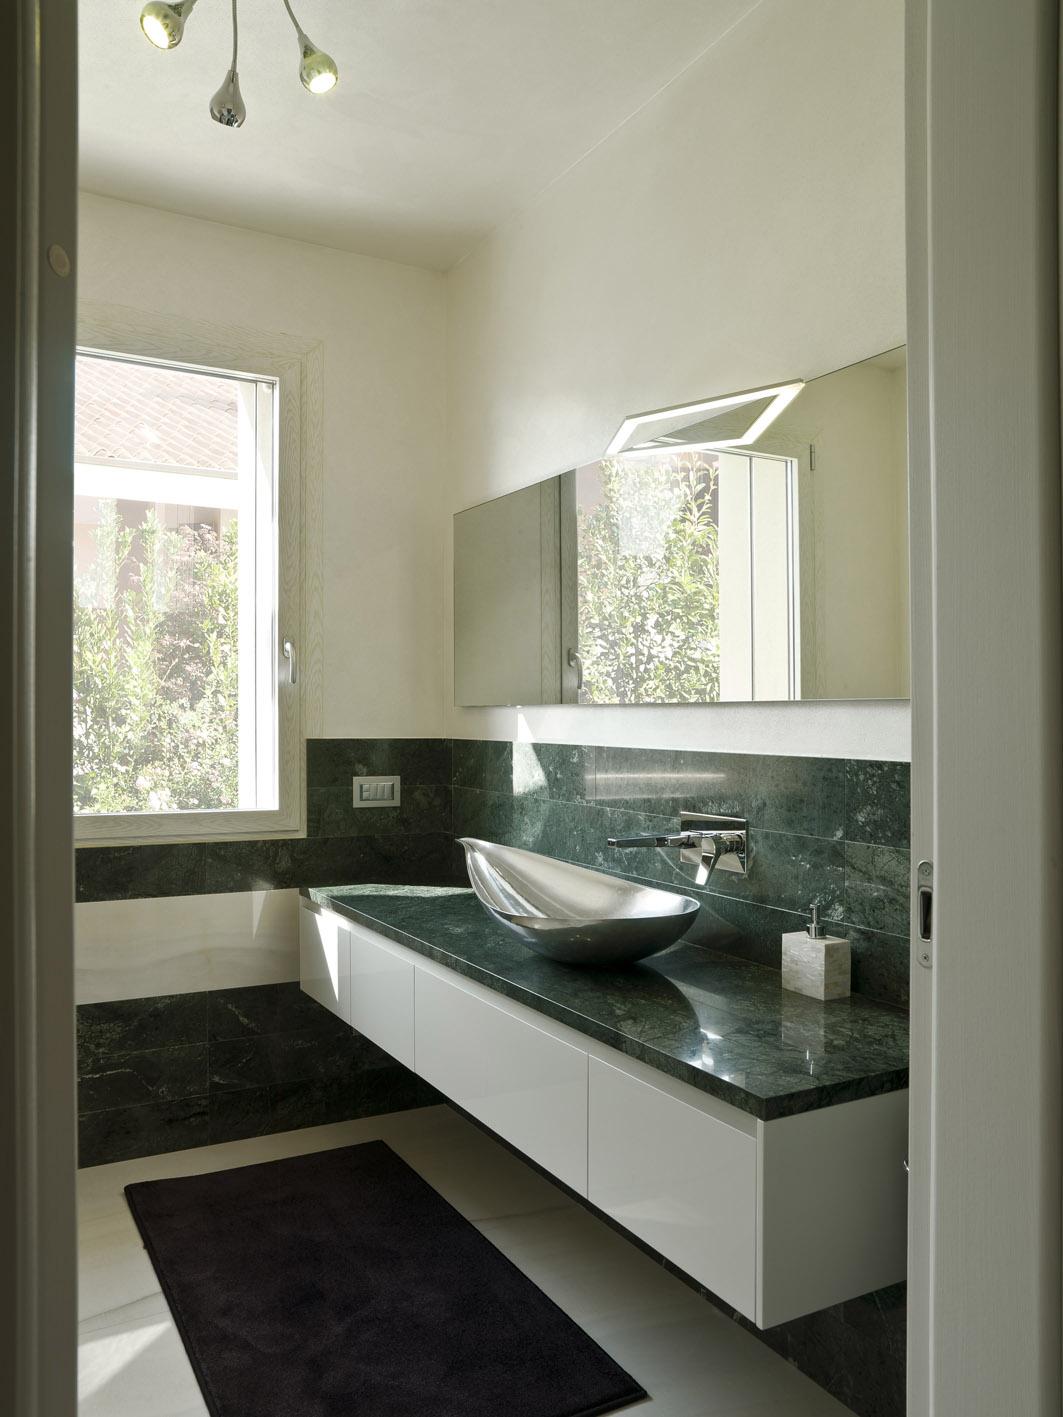 bagno moderno MG architettura d'interni simone casarotto design marmo verde gautemala lavabo alluminio foglia spoldi ideabagno